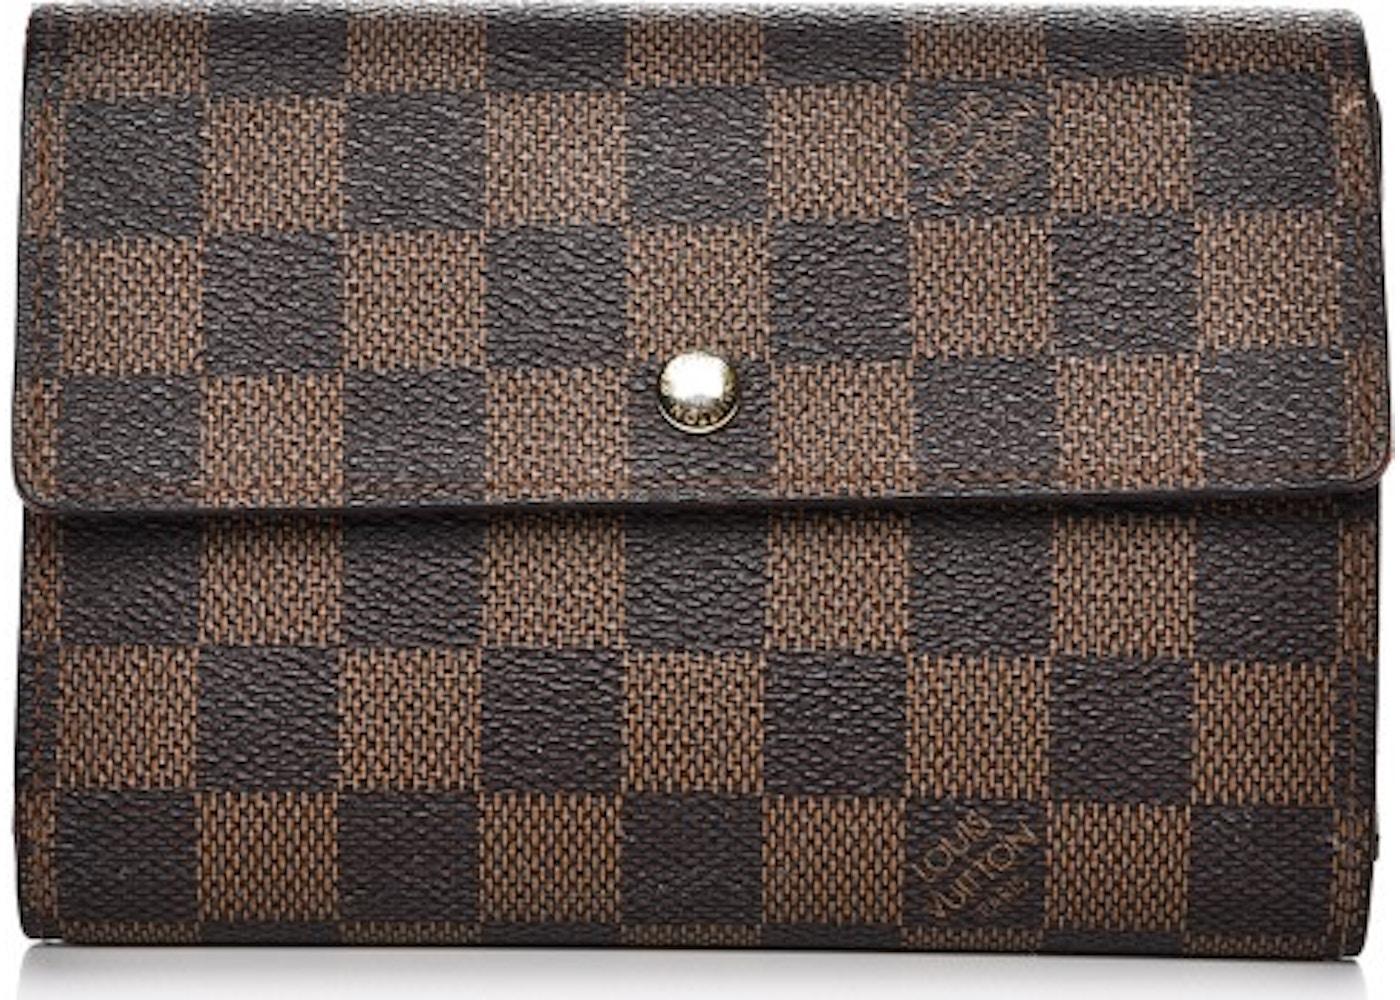 9e458e2e43e68 Louis Vuitton Wallet Porte Tresor Etui Papier Damier Ebene Brown. Damier  Ebene Brown